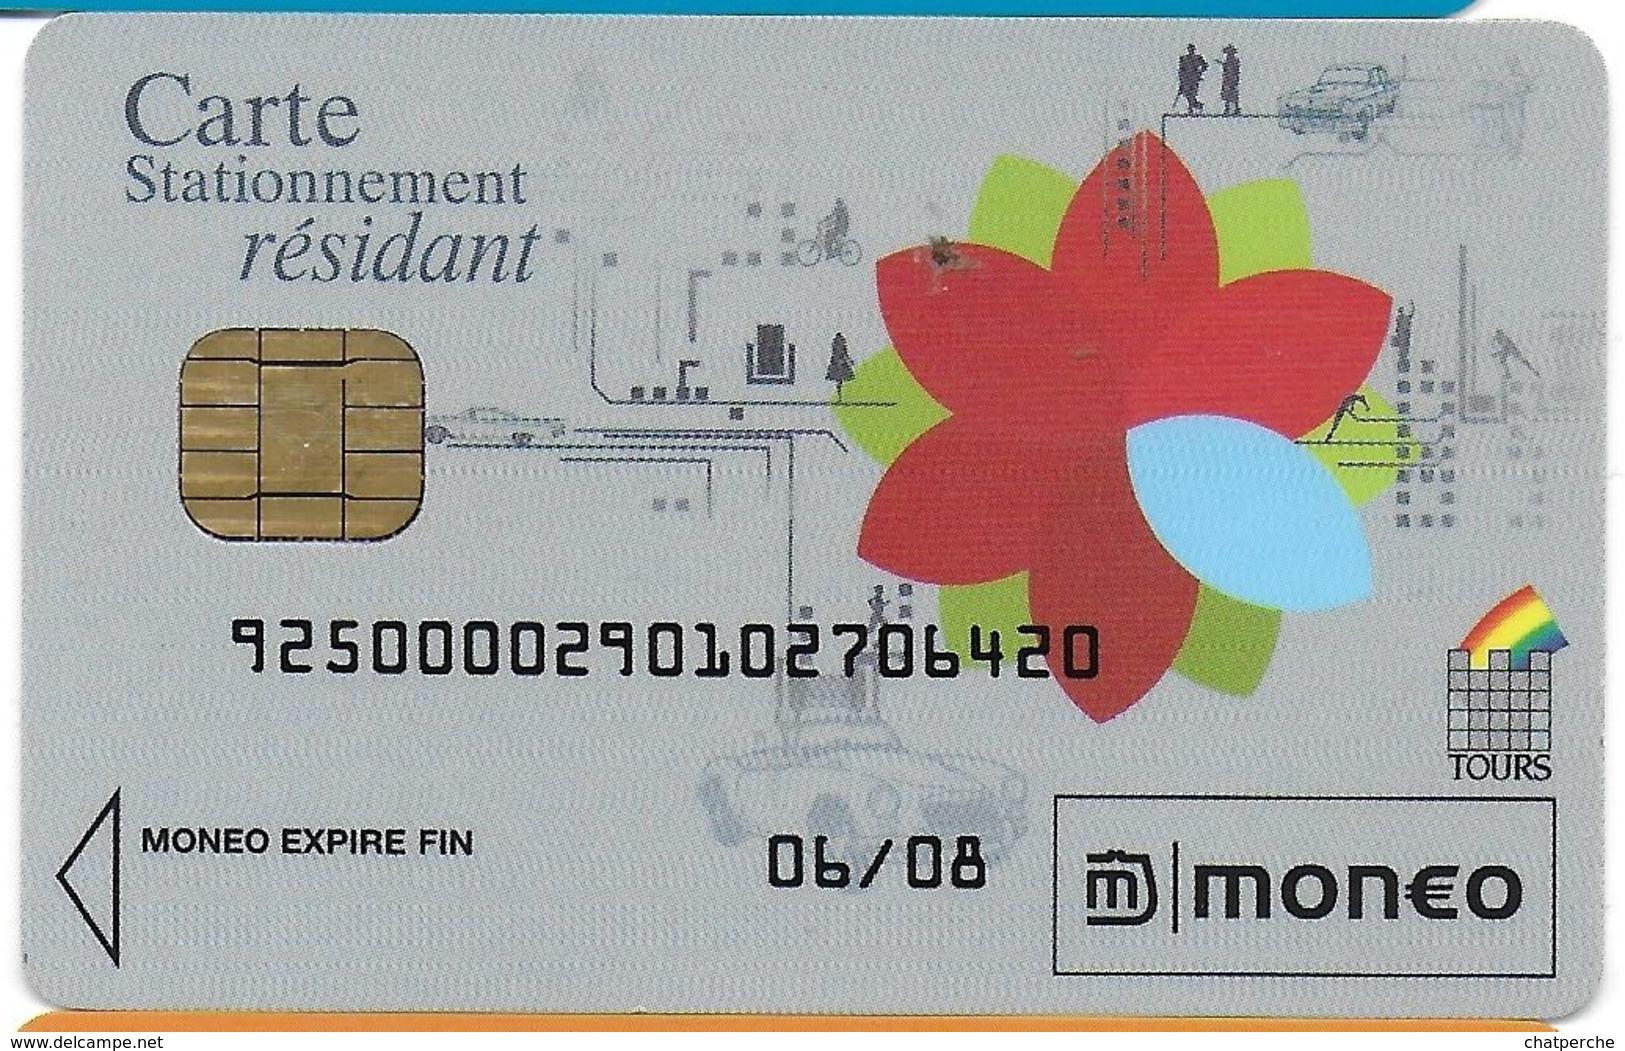 CARTE A PUCE CHIP CARD MONEO CARTE STATIONNEMENT RÉSIDANT VILLE DE TOURS TRACES USAGE MAIS TTB - Monéo